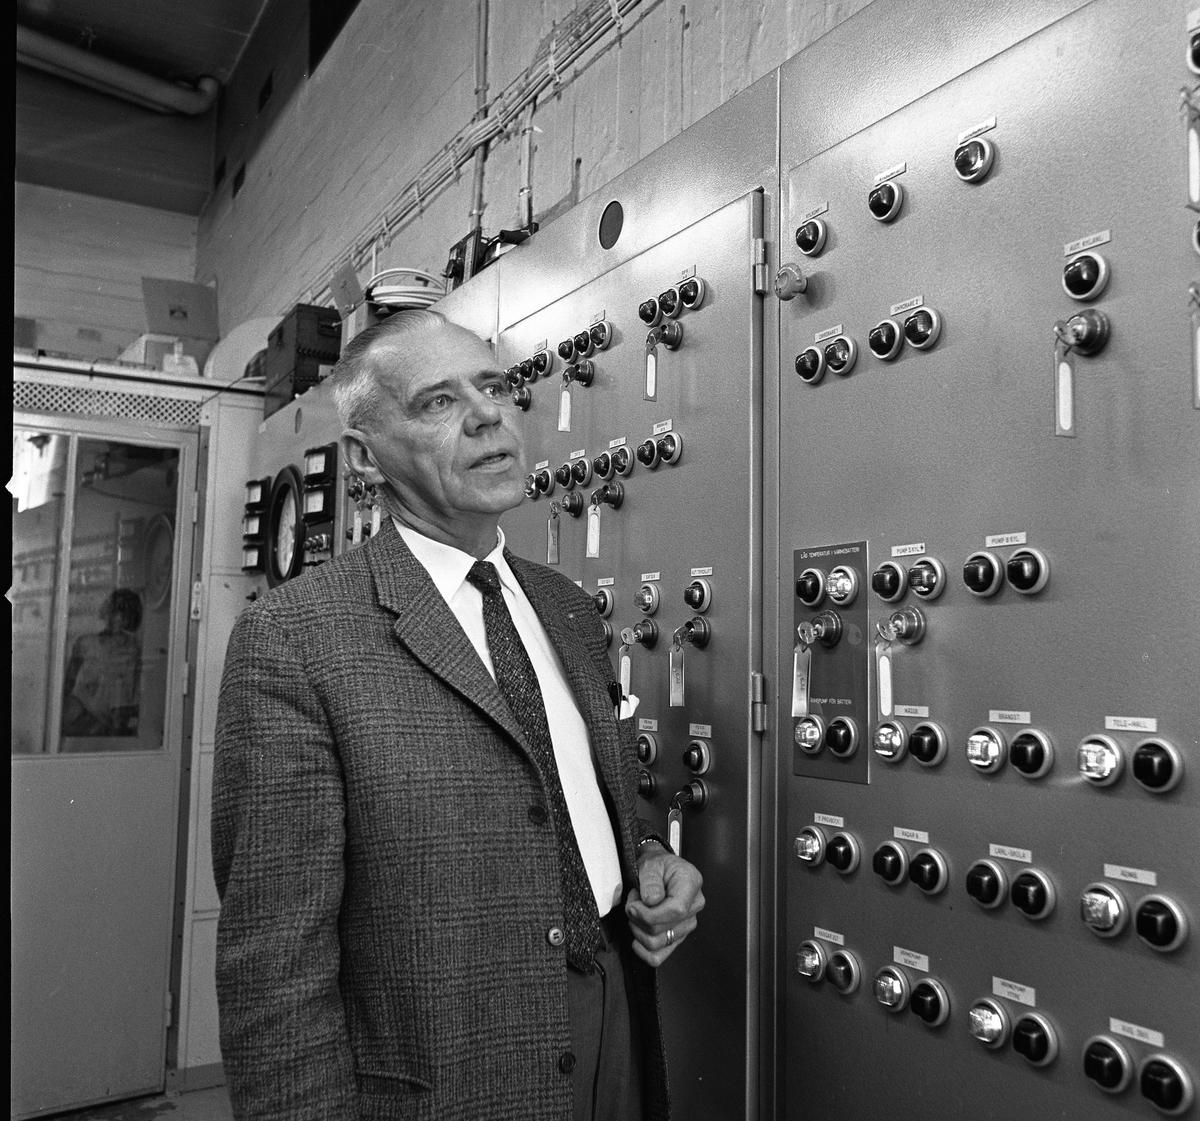 Alf Hedlund är maskinmästare på Centrala Verkstaden Arboga. Han är klädd i kostym och står vid en maskin med många knappar.